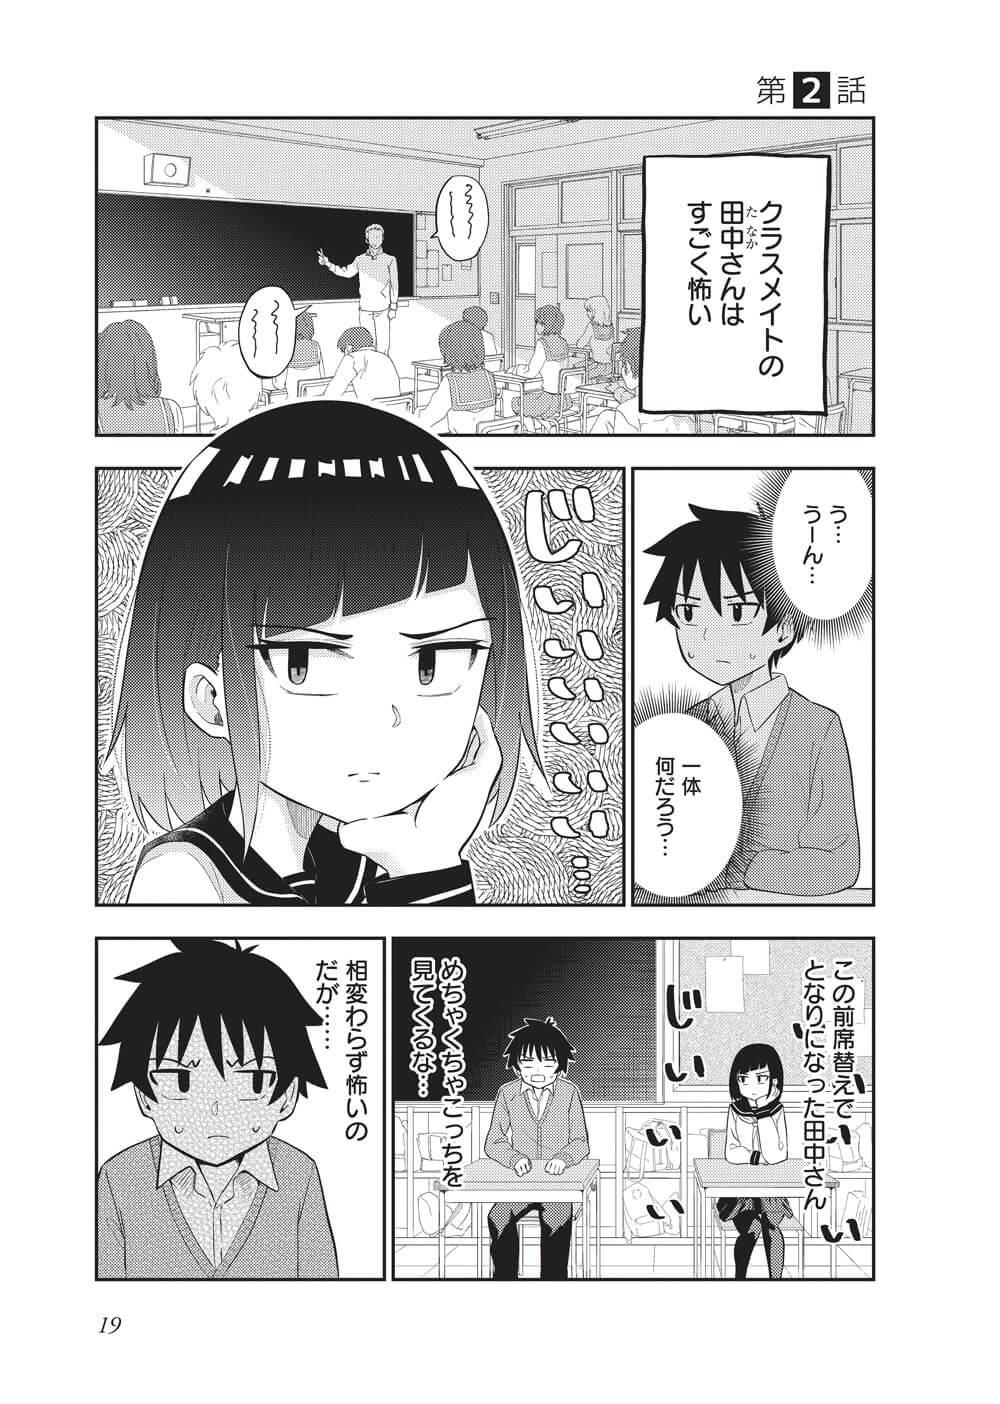 クラスメイトの田中さんはすごく怖い-2-1